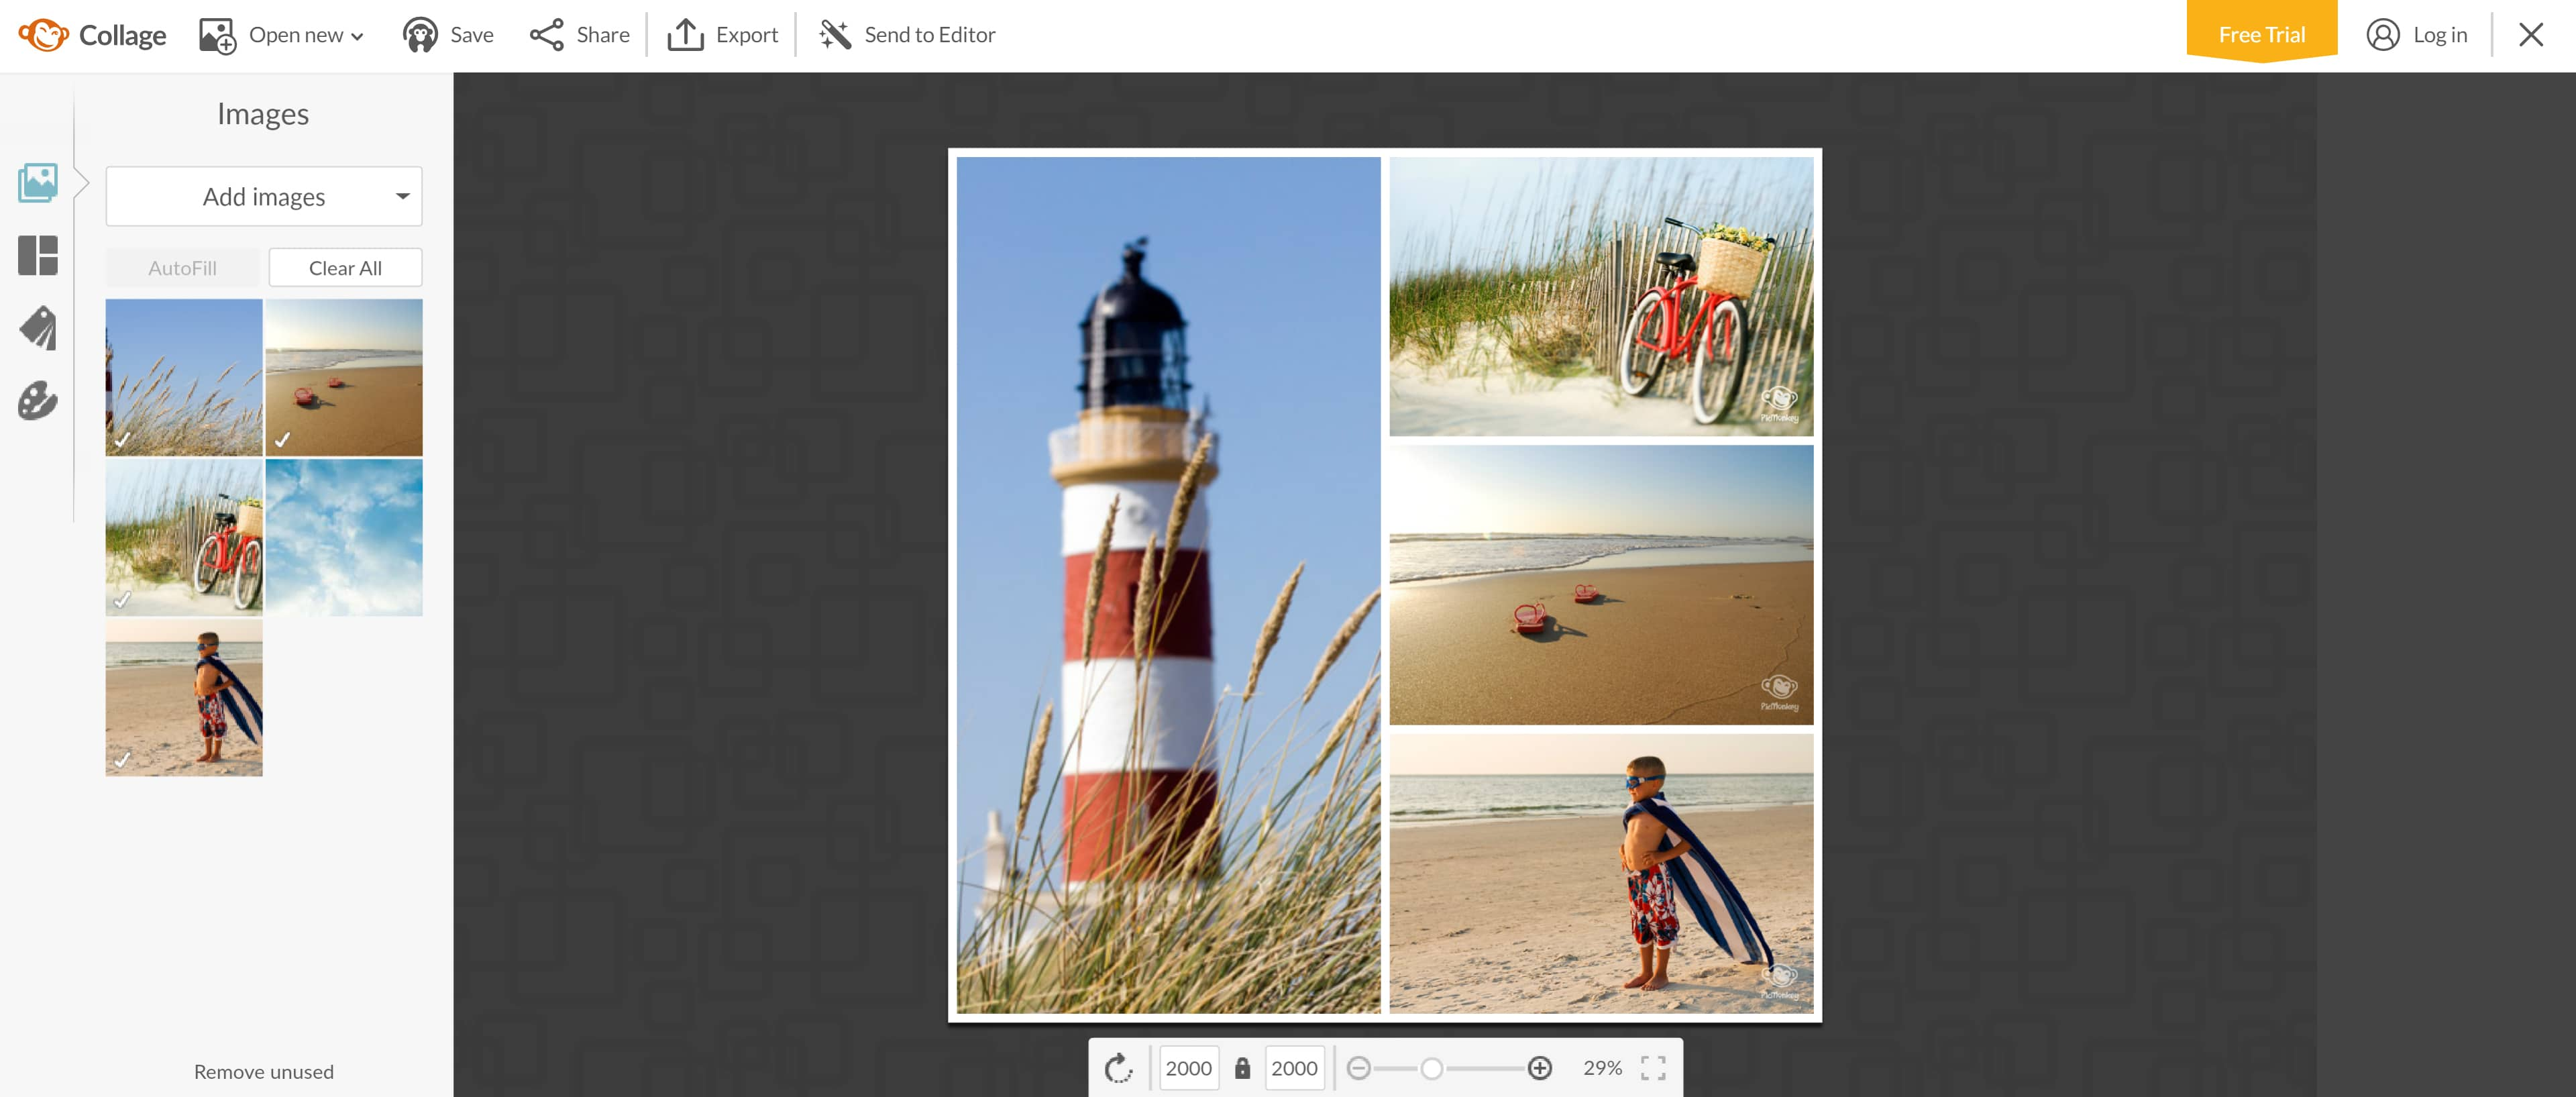 Migliori siti per fare collage di foto wizblog - Migliori siti per affittare casa ...